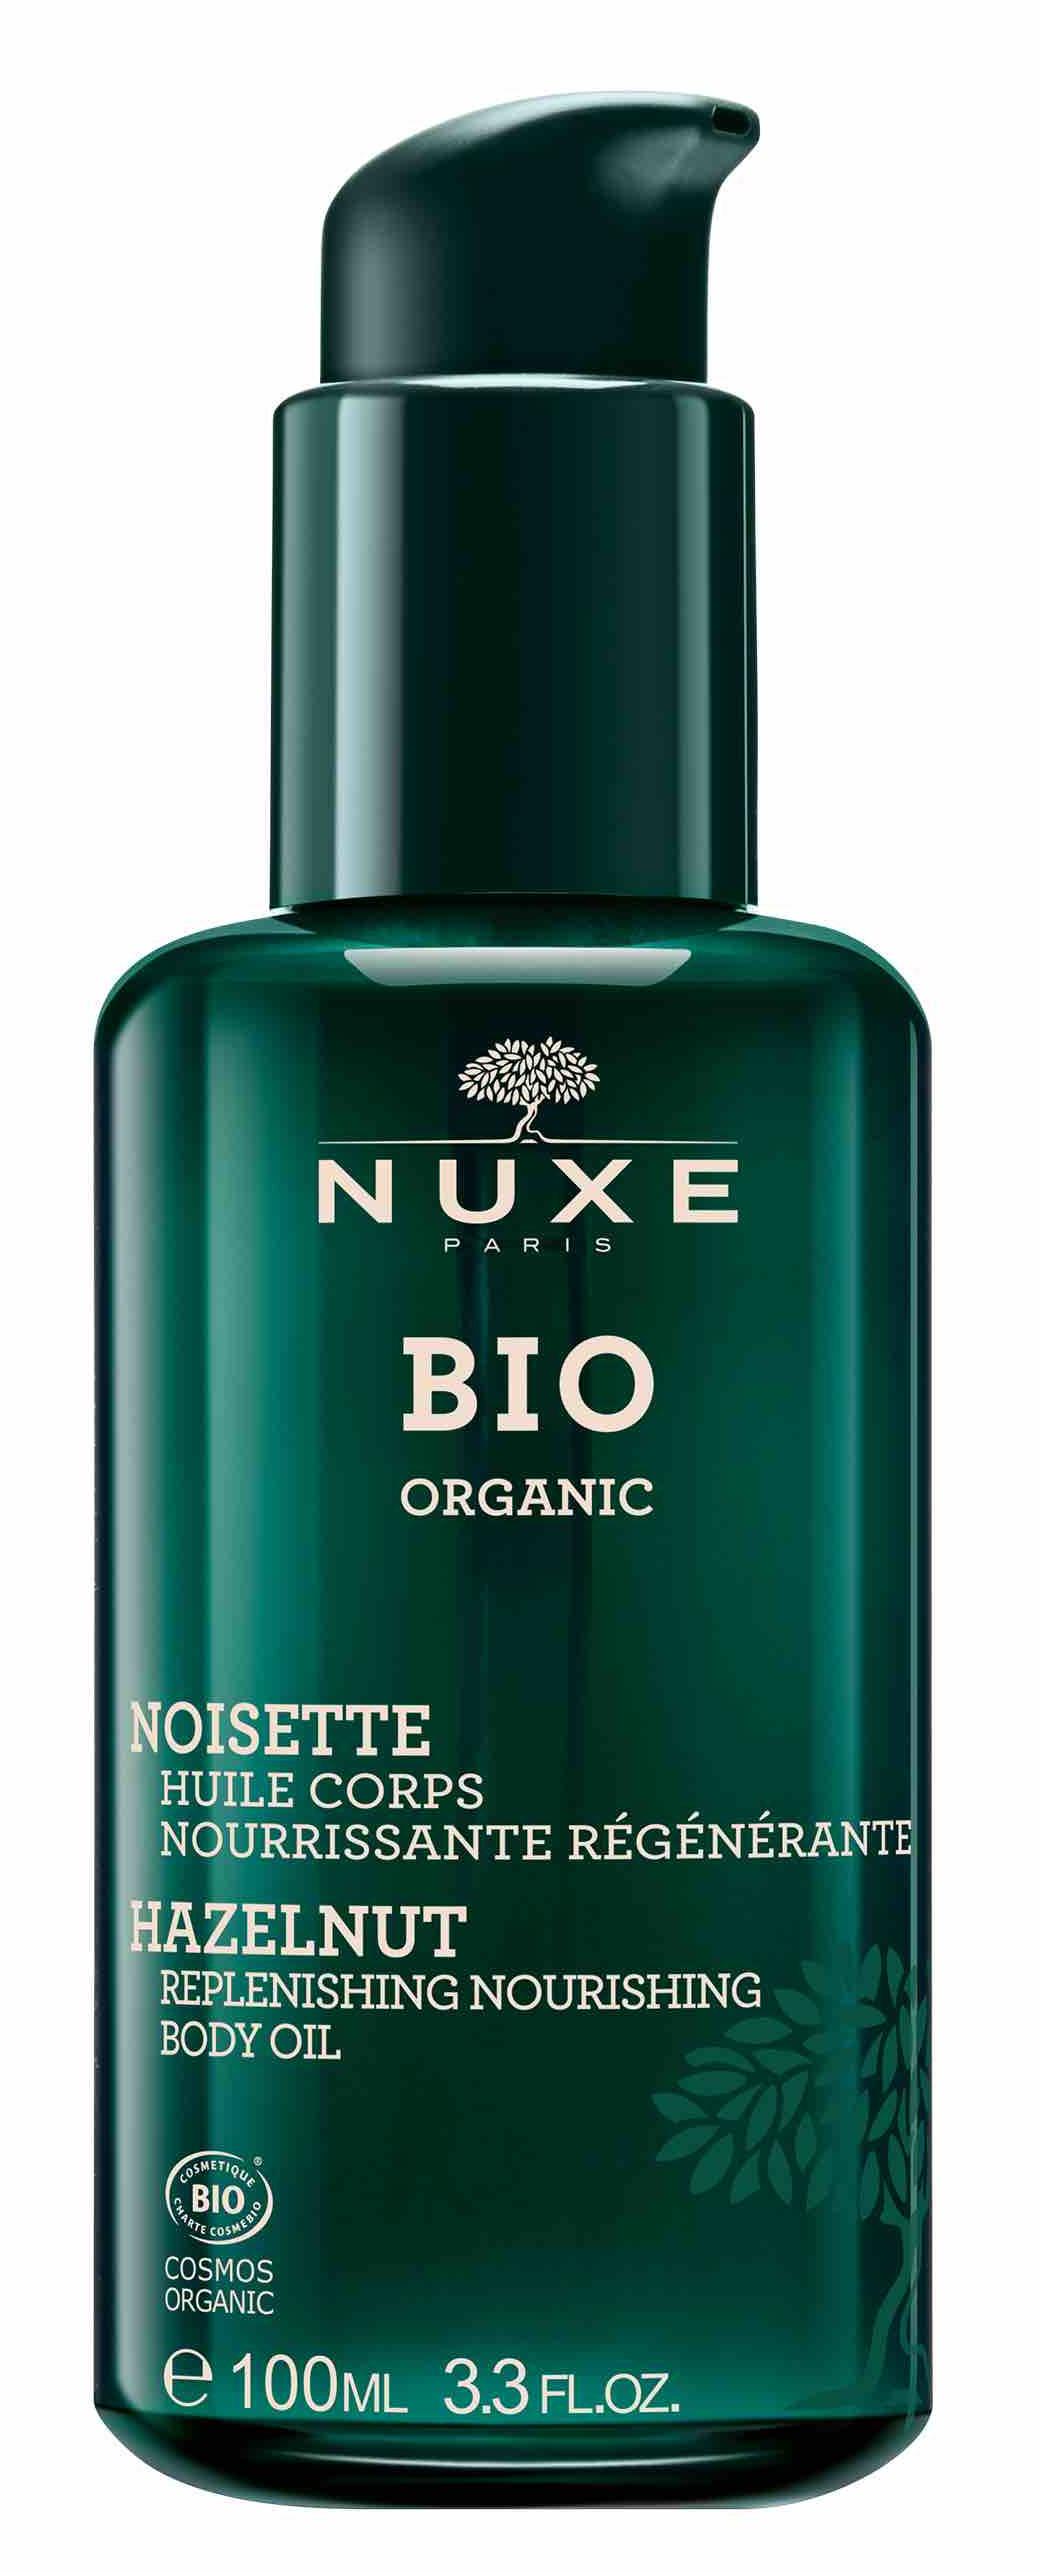 Nuxe Bio Vyživujúcí telový olej 100ml